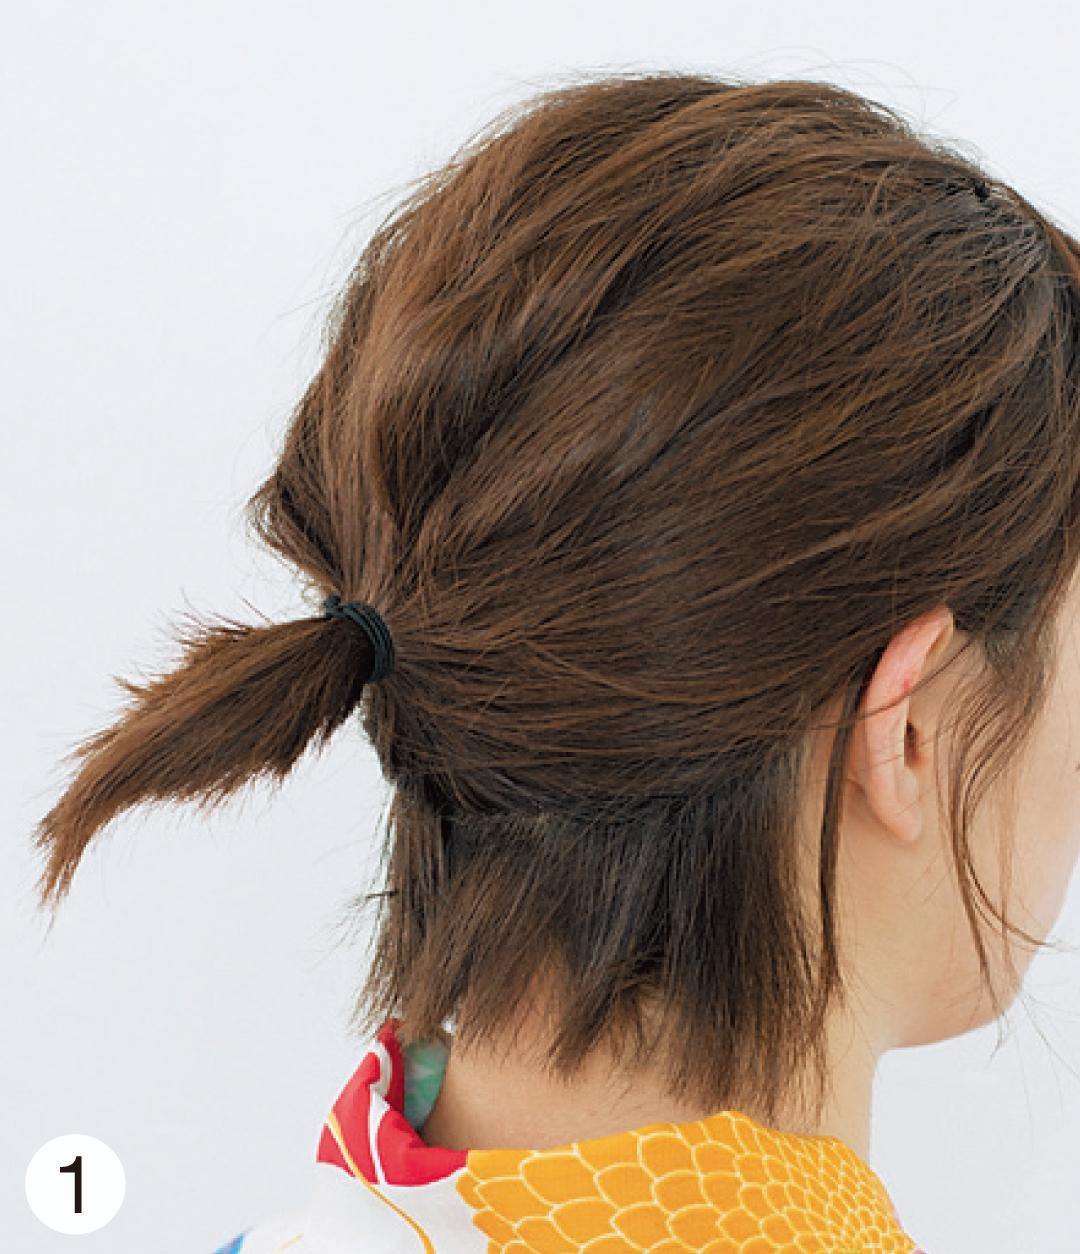 写真のように耳の高さで一つ結びを。髪の毛が短い場合、結んだ時に少しでも毛先の長さを残すためやや高めの位置で結ぶのがキモ。